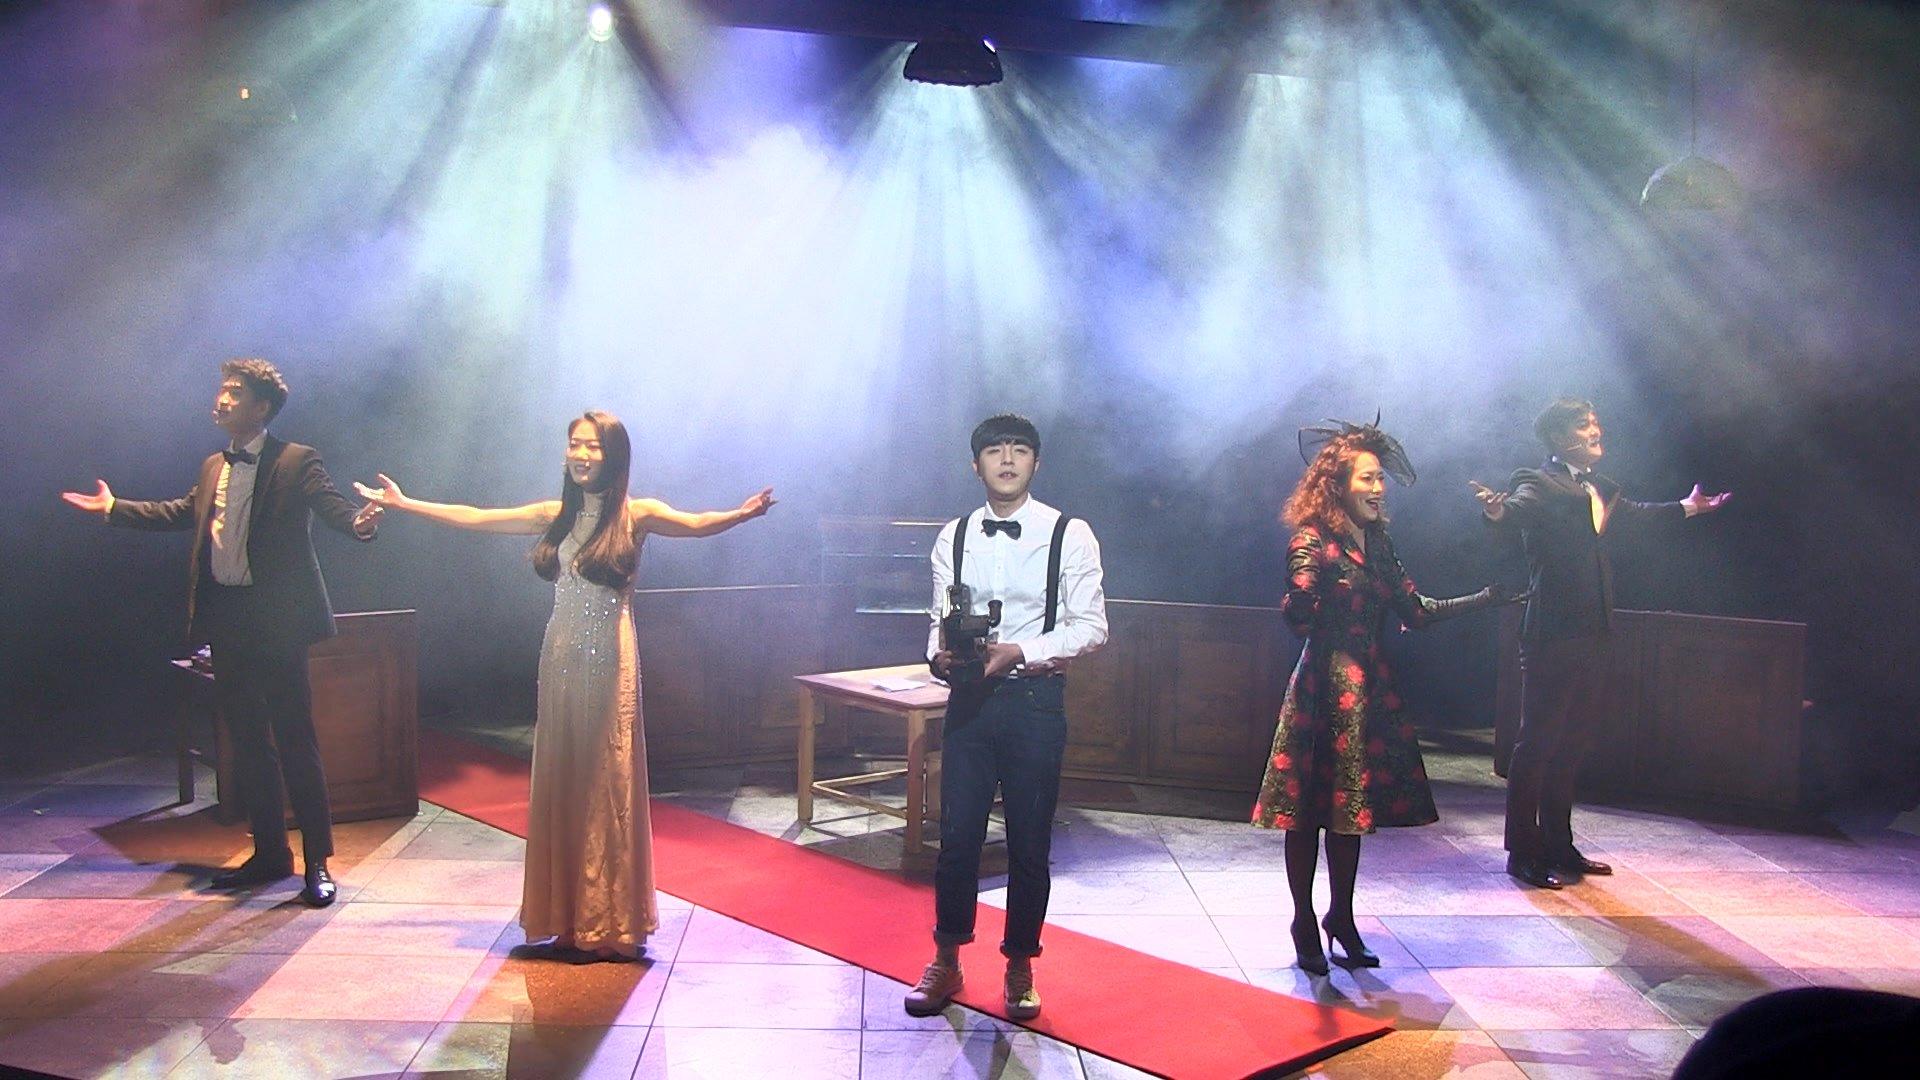 <홀연했던 사나이> 우리들의 레드카펫 - 박정원, 임진아, 윤석원, 하현지, 장민수